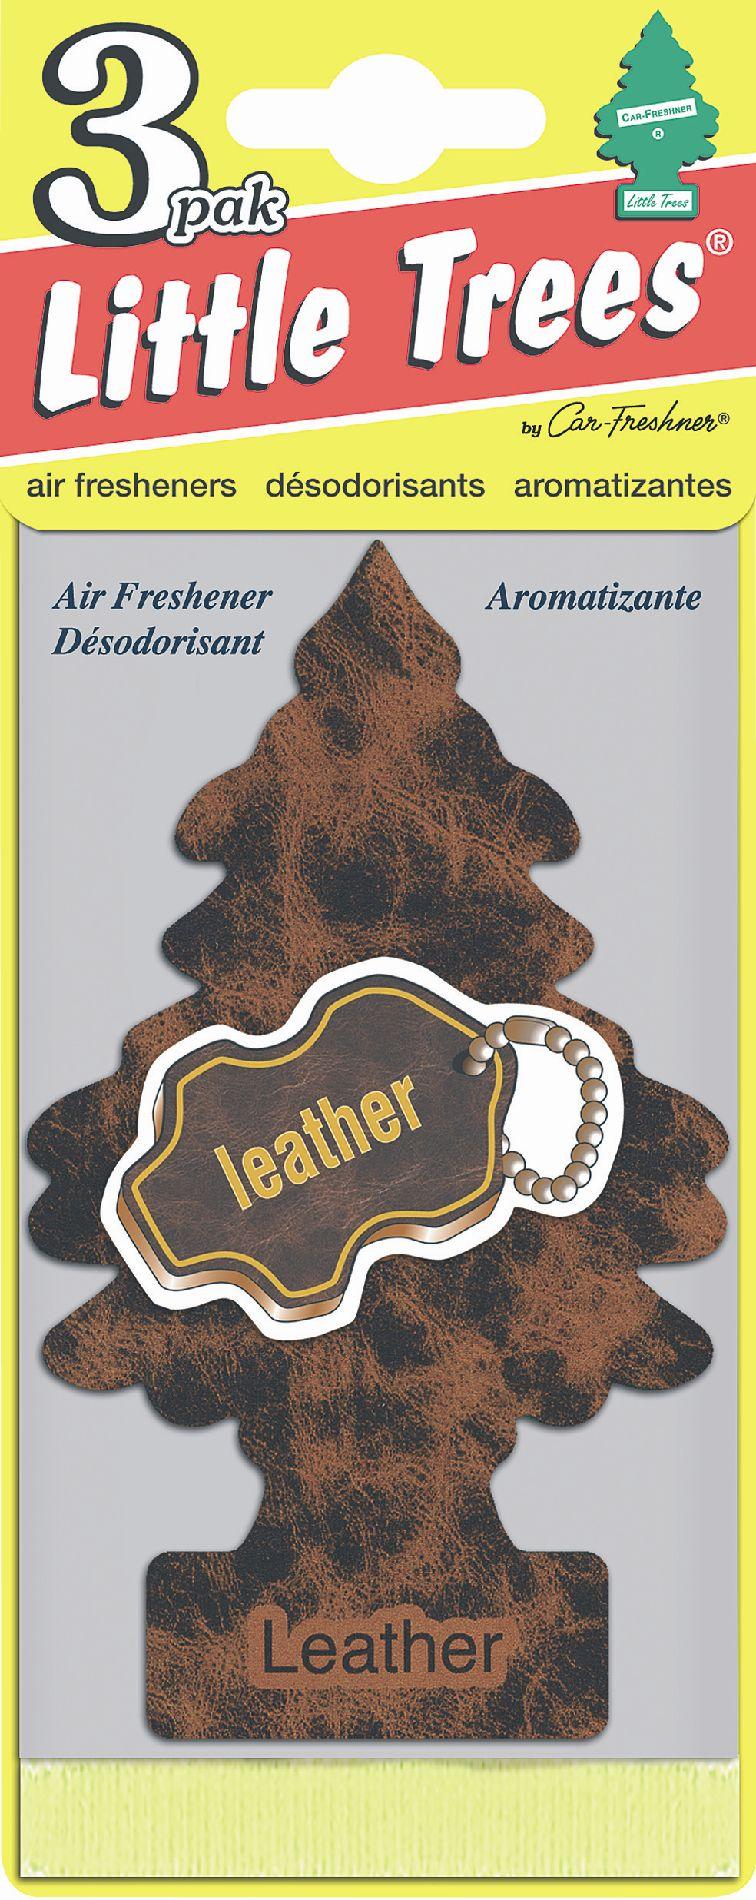 Car freshner little trees air freshener 3 pack leather